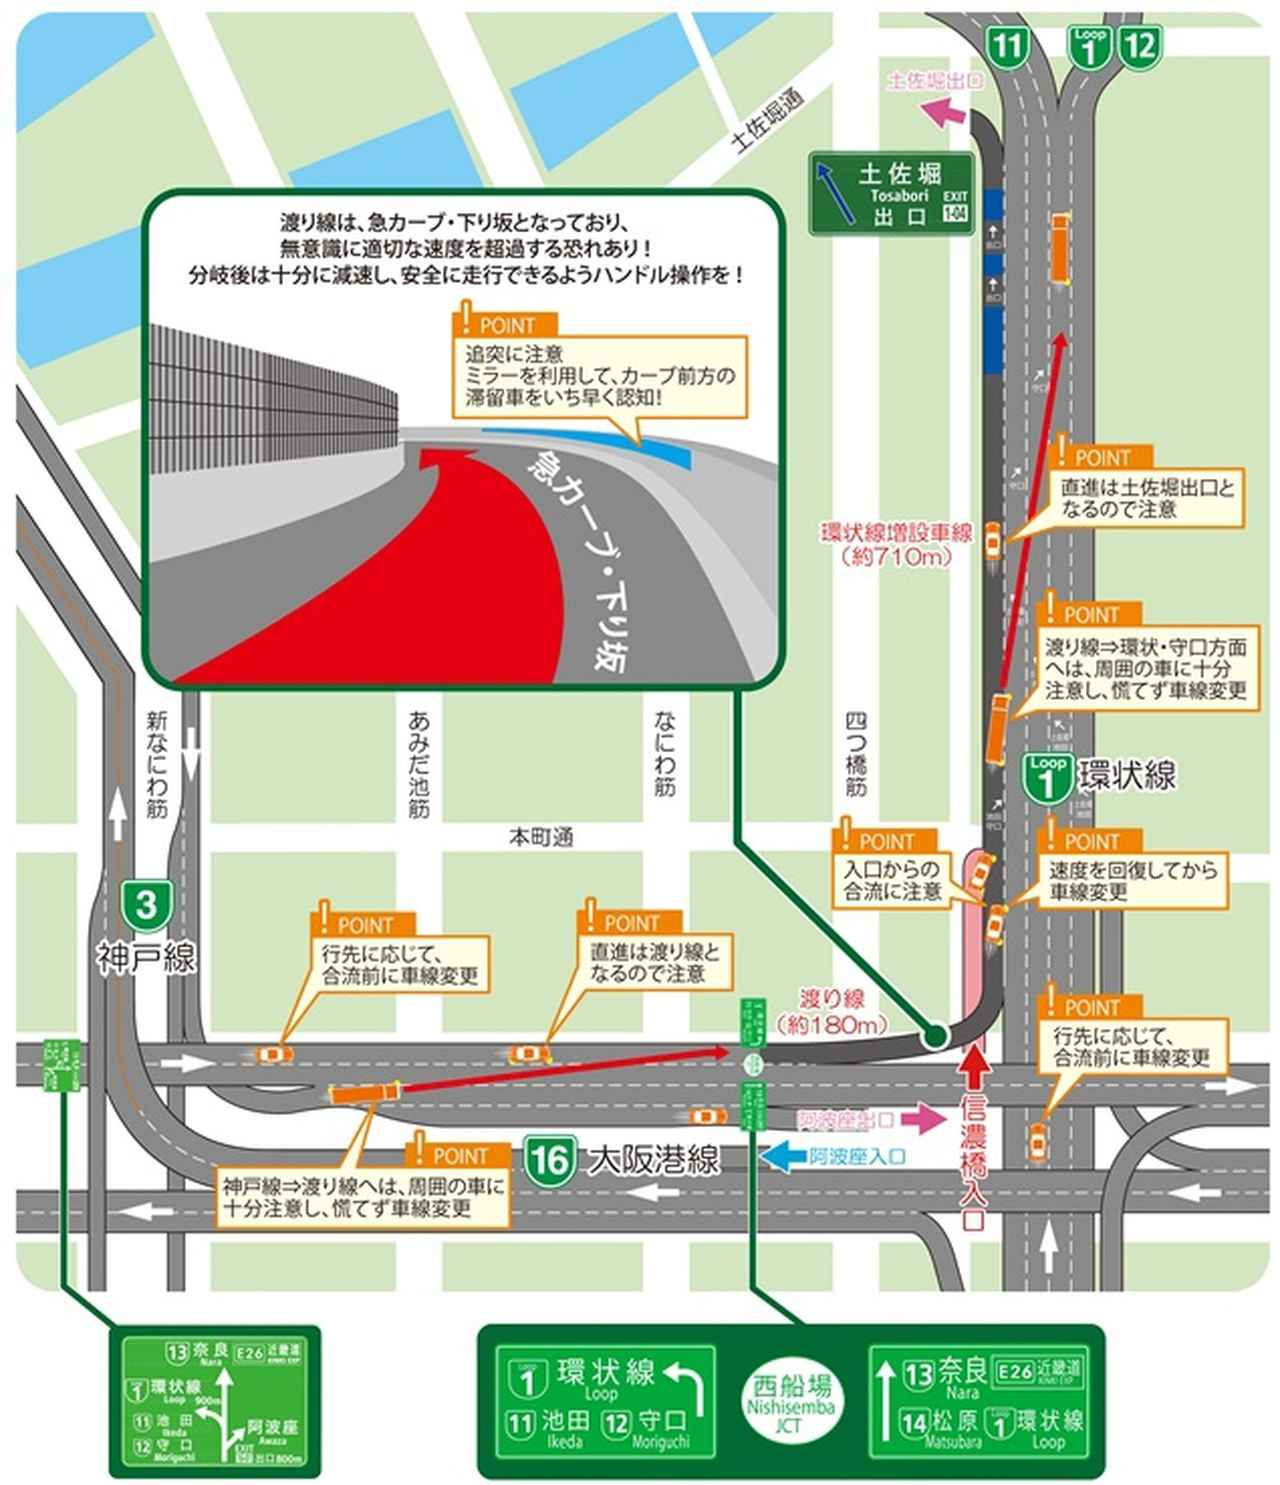 状況 渋滞 阪神 高速